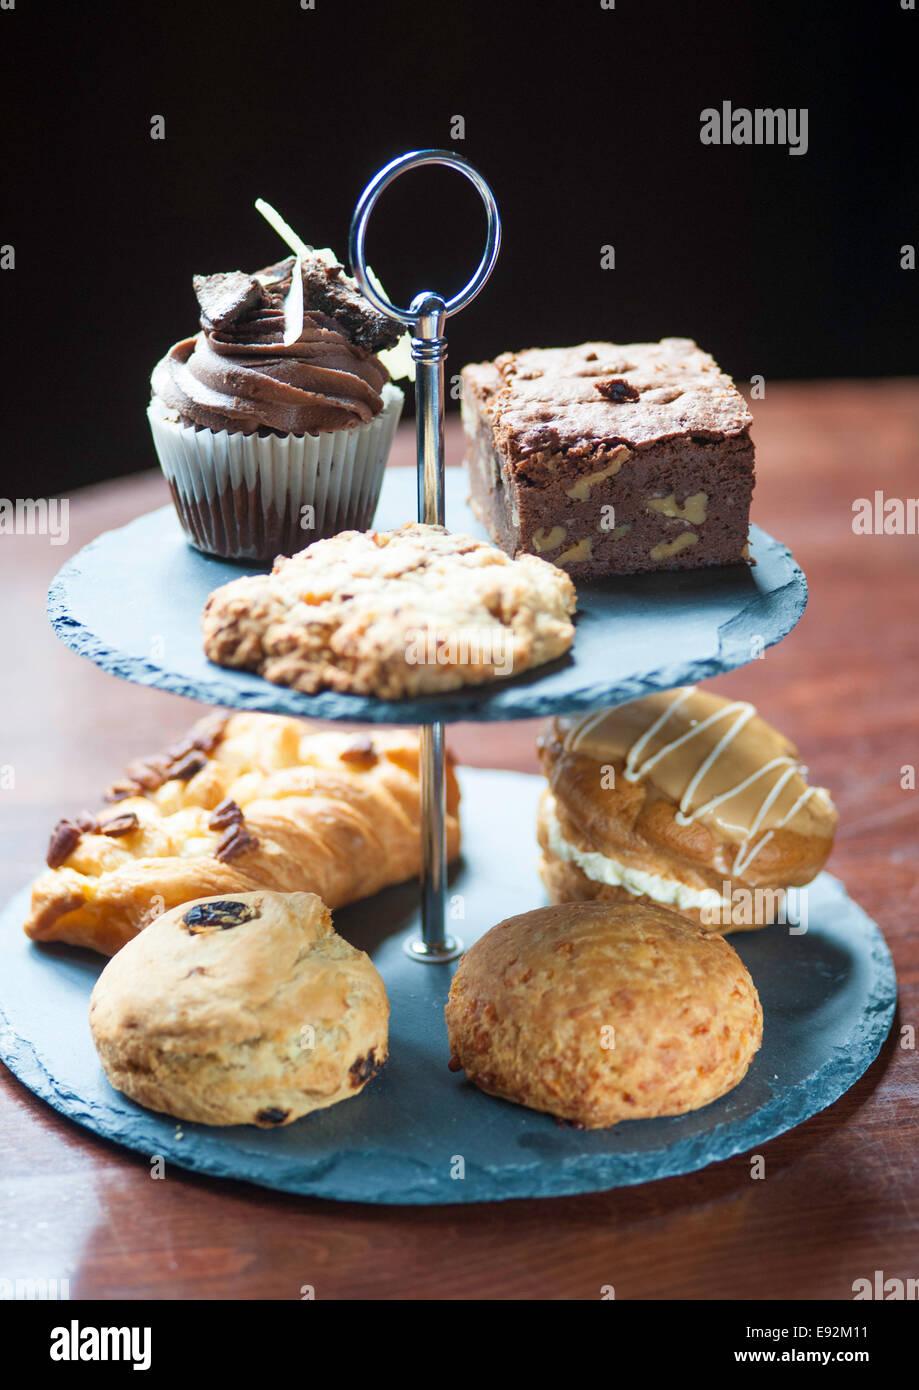 Selezione di torte sulla torta stand Immagini Stock